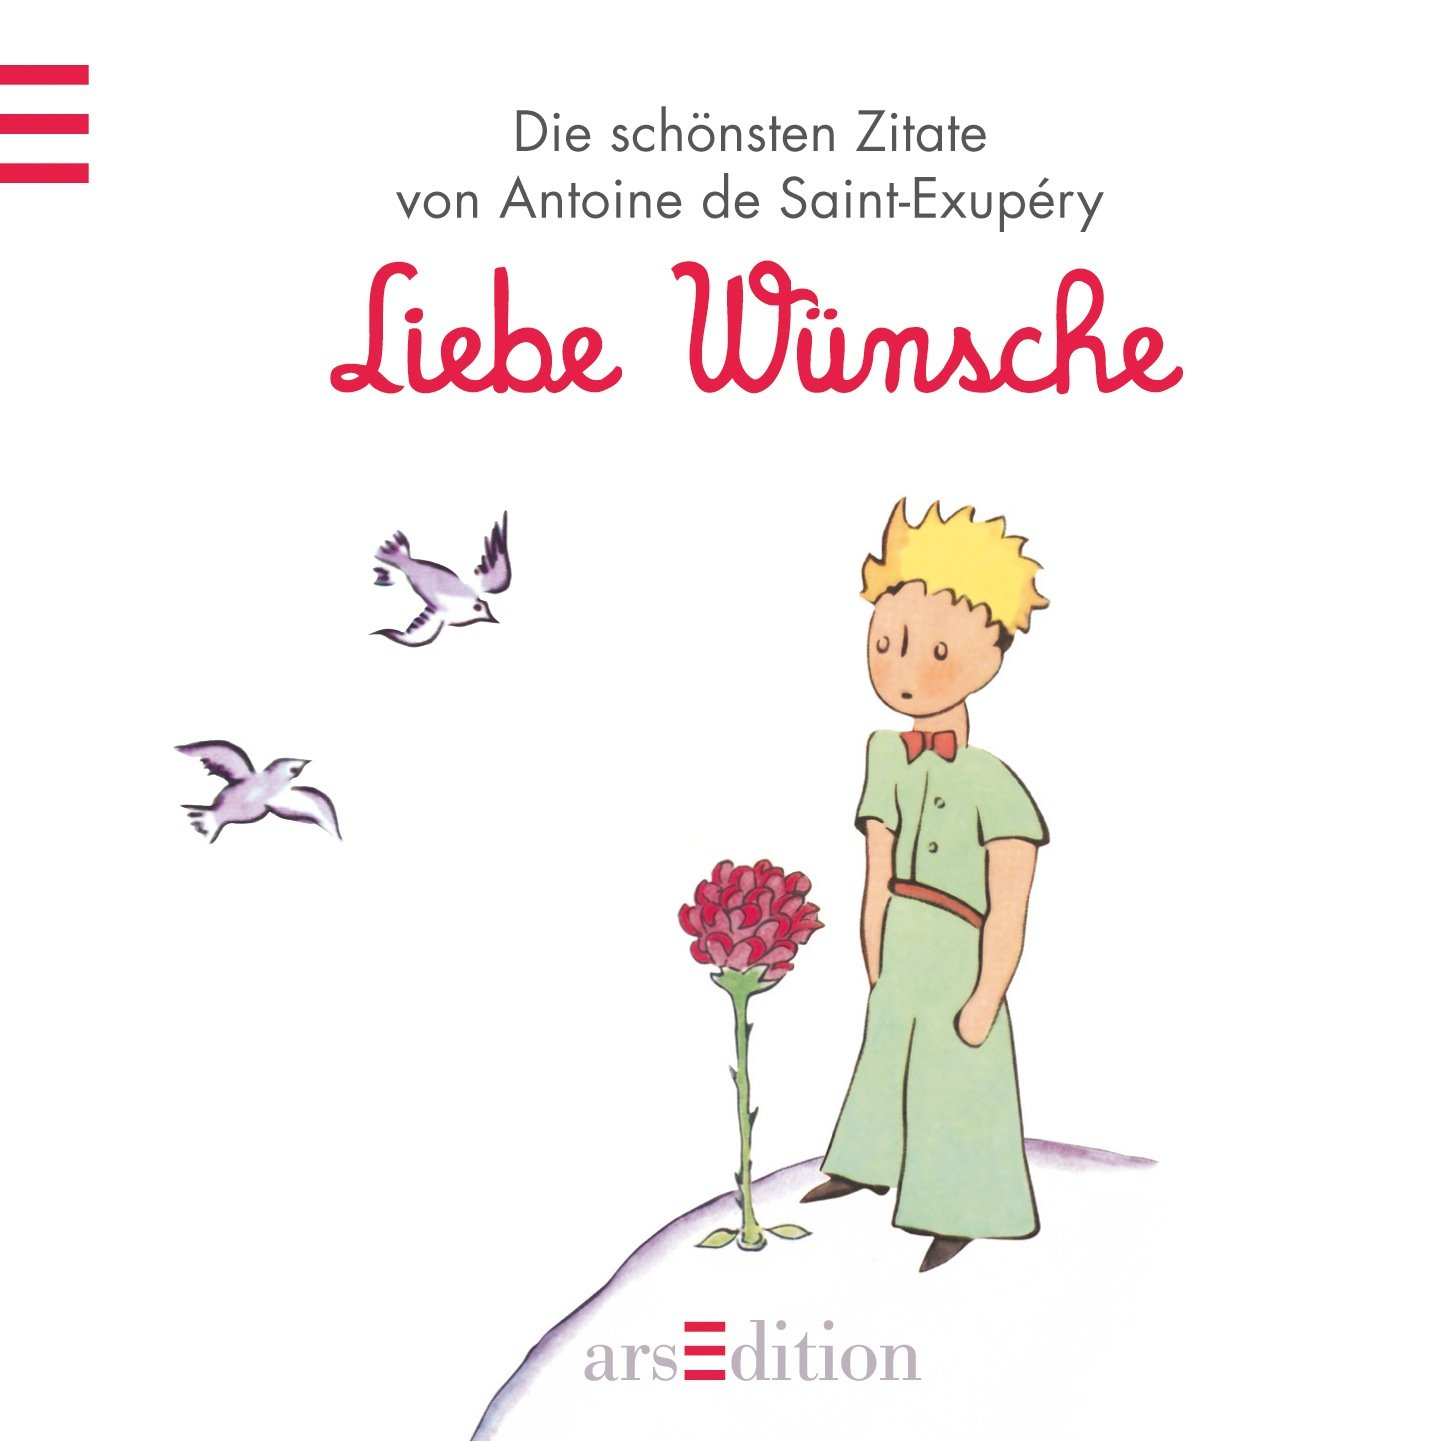 Liebe Wunsche Der Kleine Prinz Die Schonsten Zitate Von Antoine